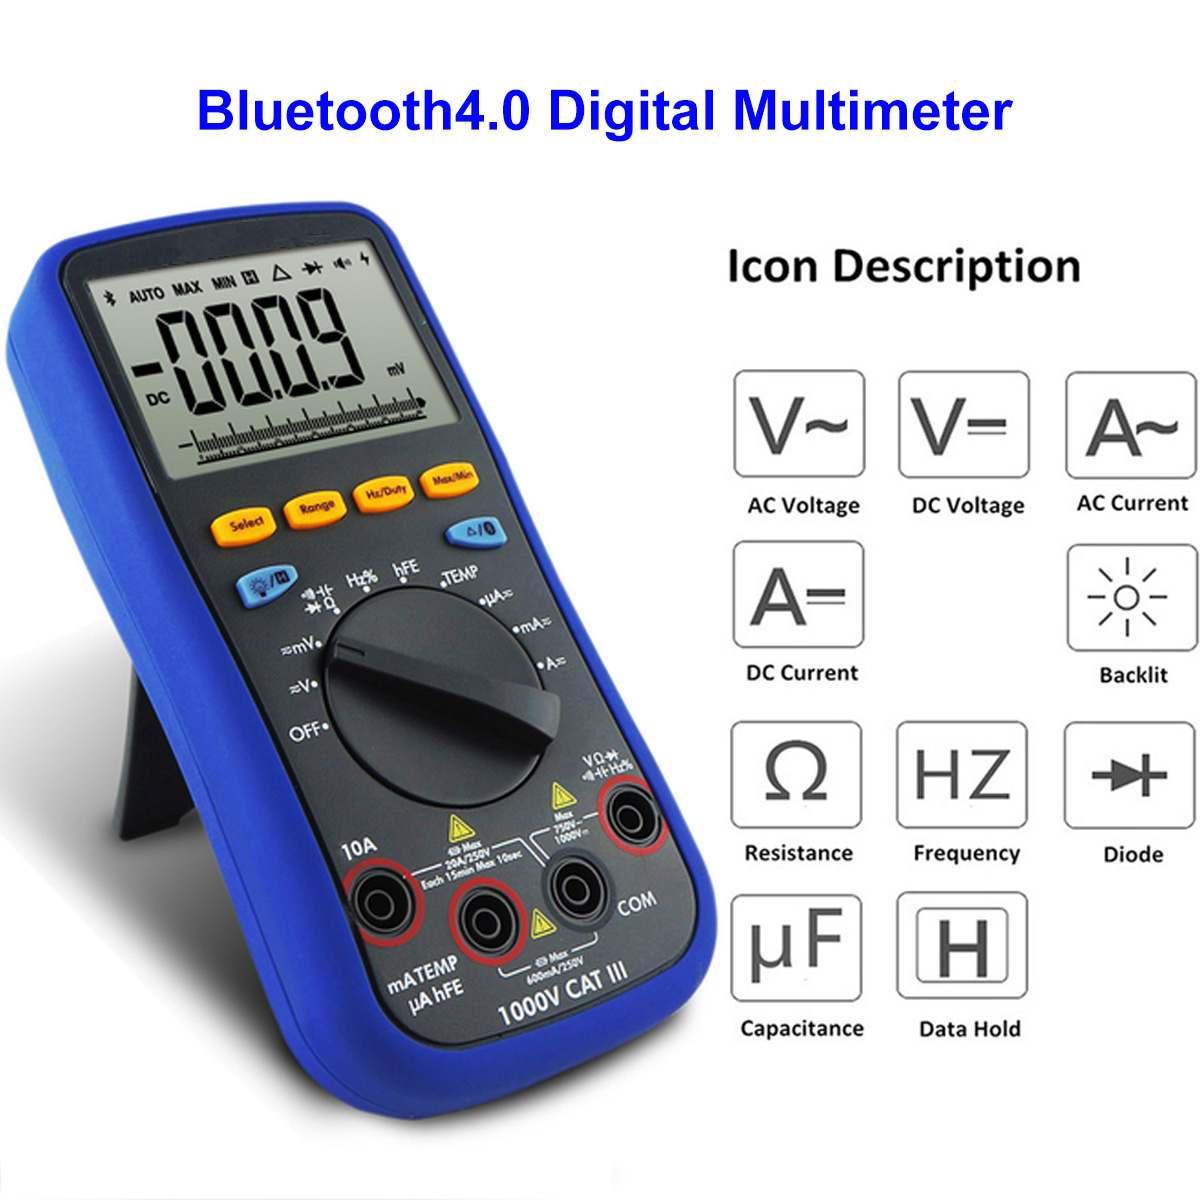 Testeur bluetooth Lcd multimètre numérique 4.0 fil de Test k-type Thermocouple 6000 compte rétro-éclairage réel 10 m Ohms multimètre numérique